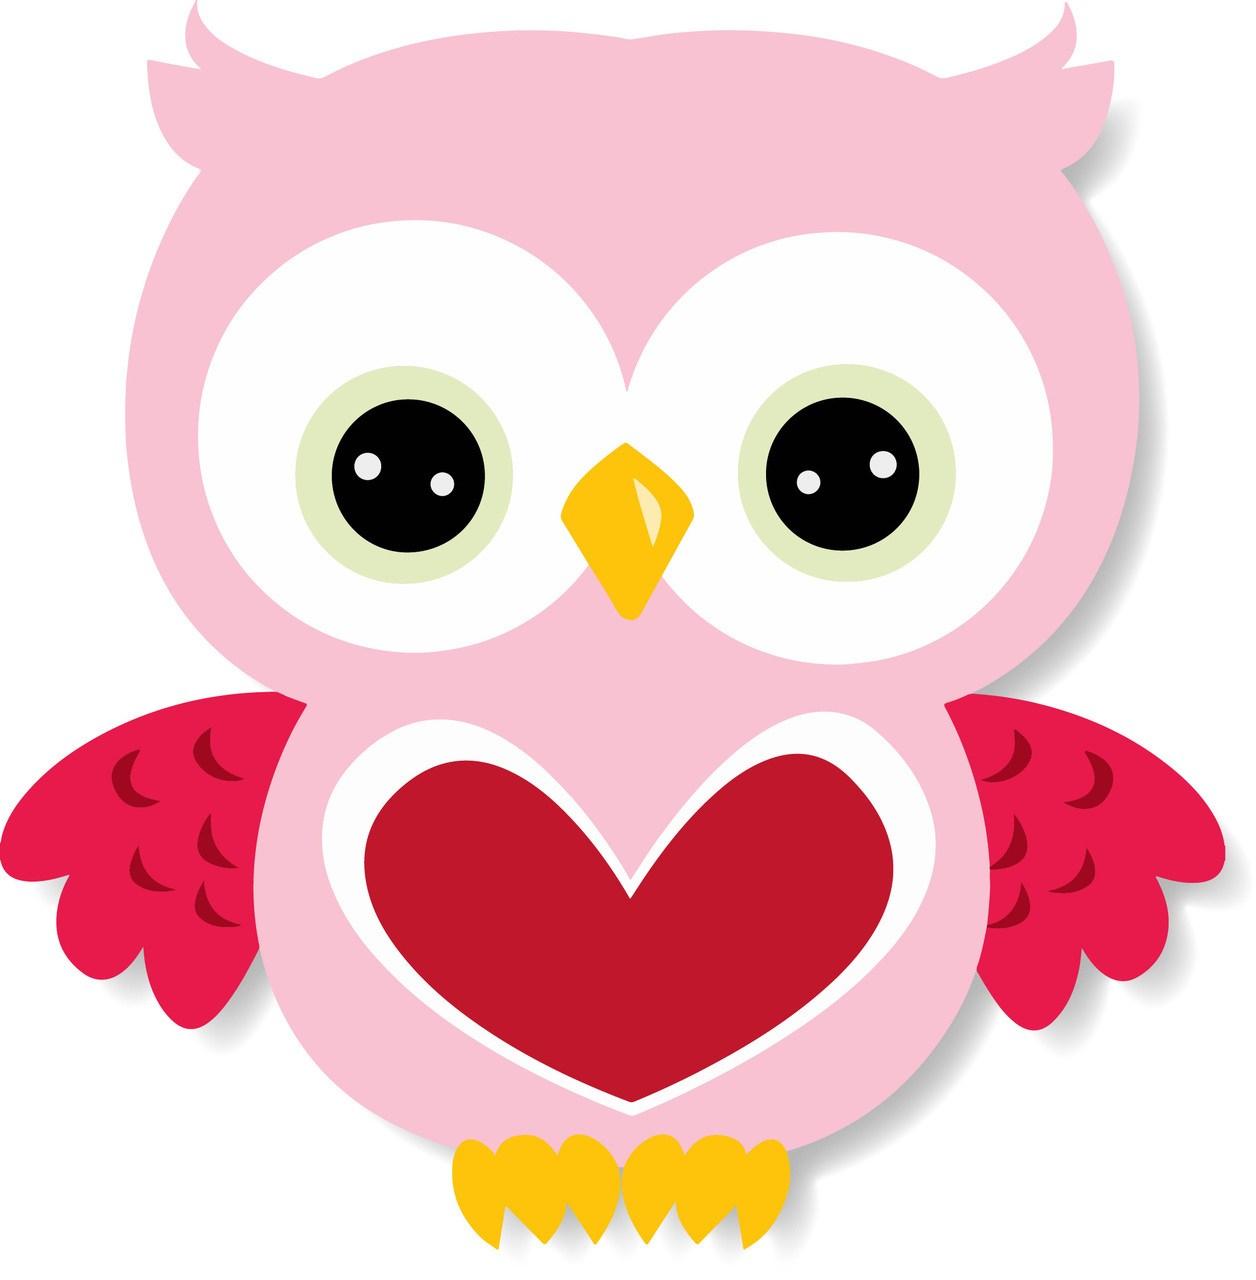 Happy owl clipart 6 » Clipart Portal.